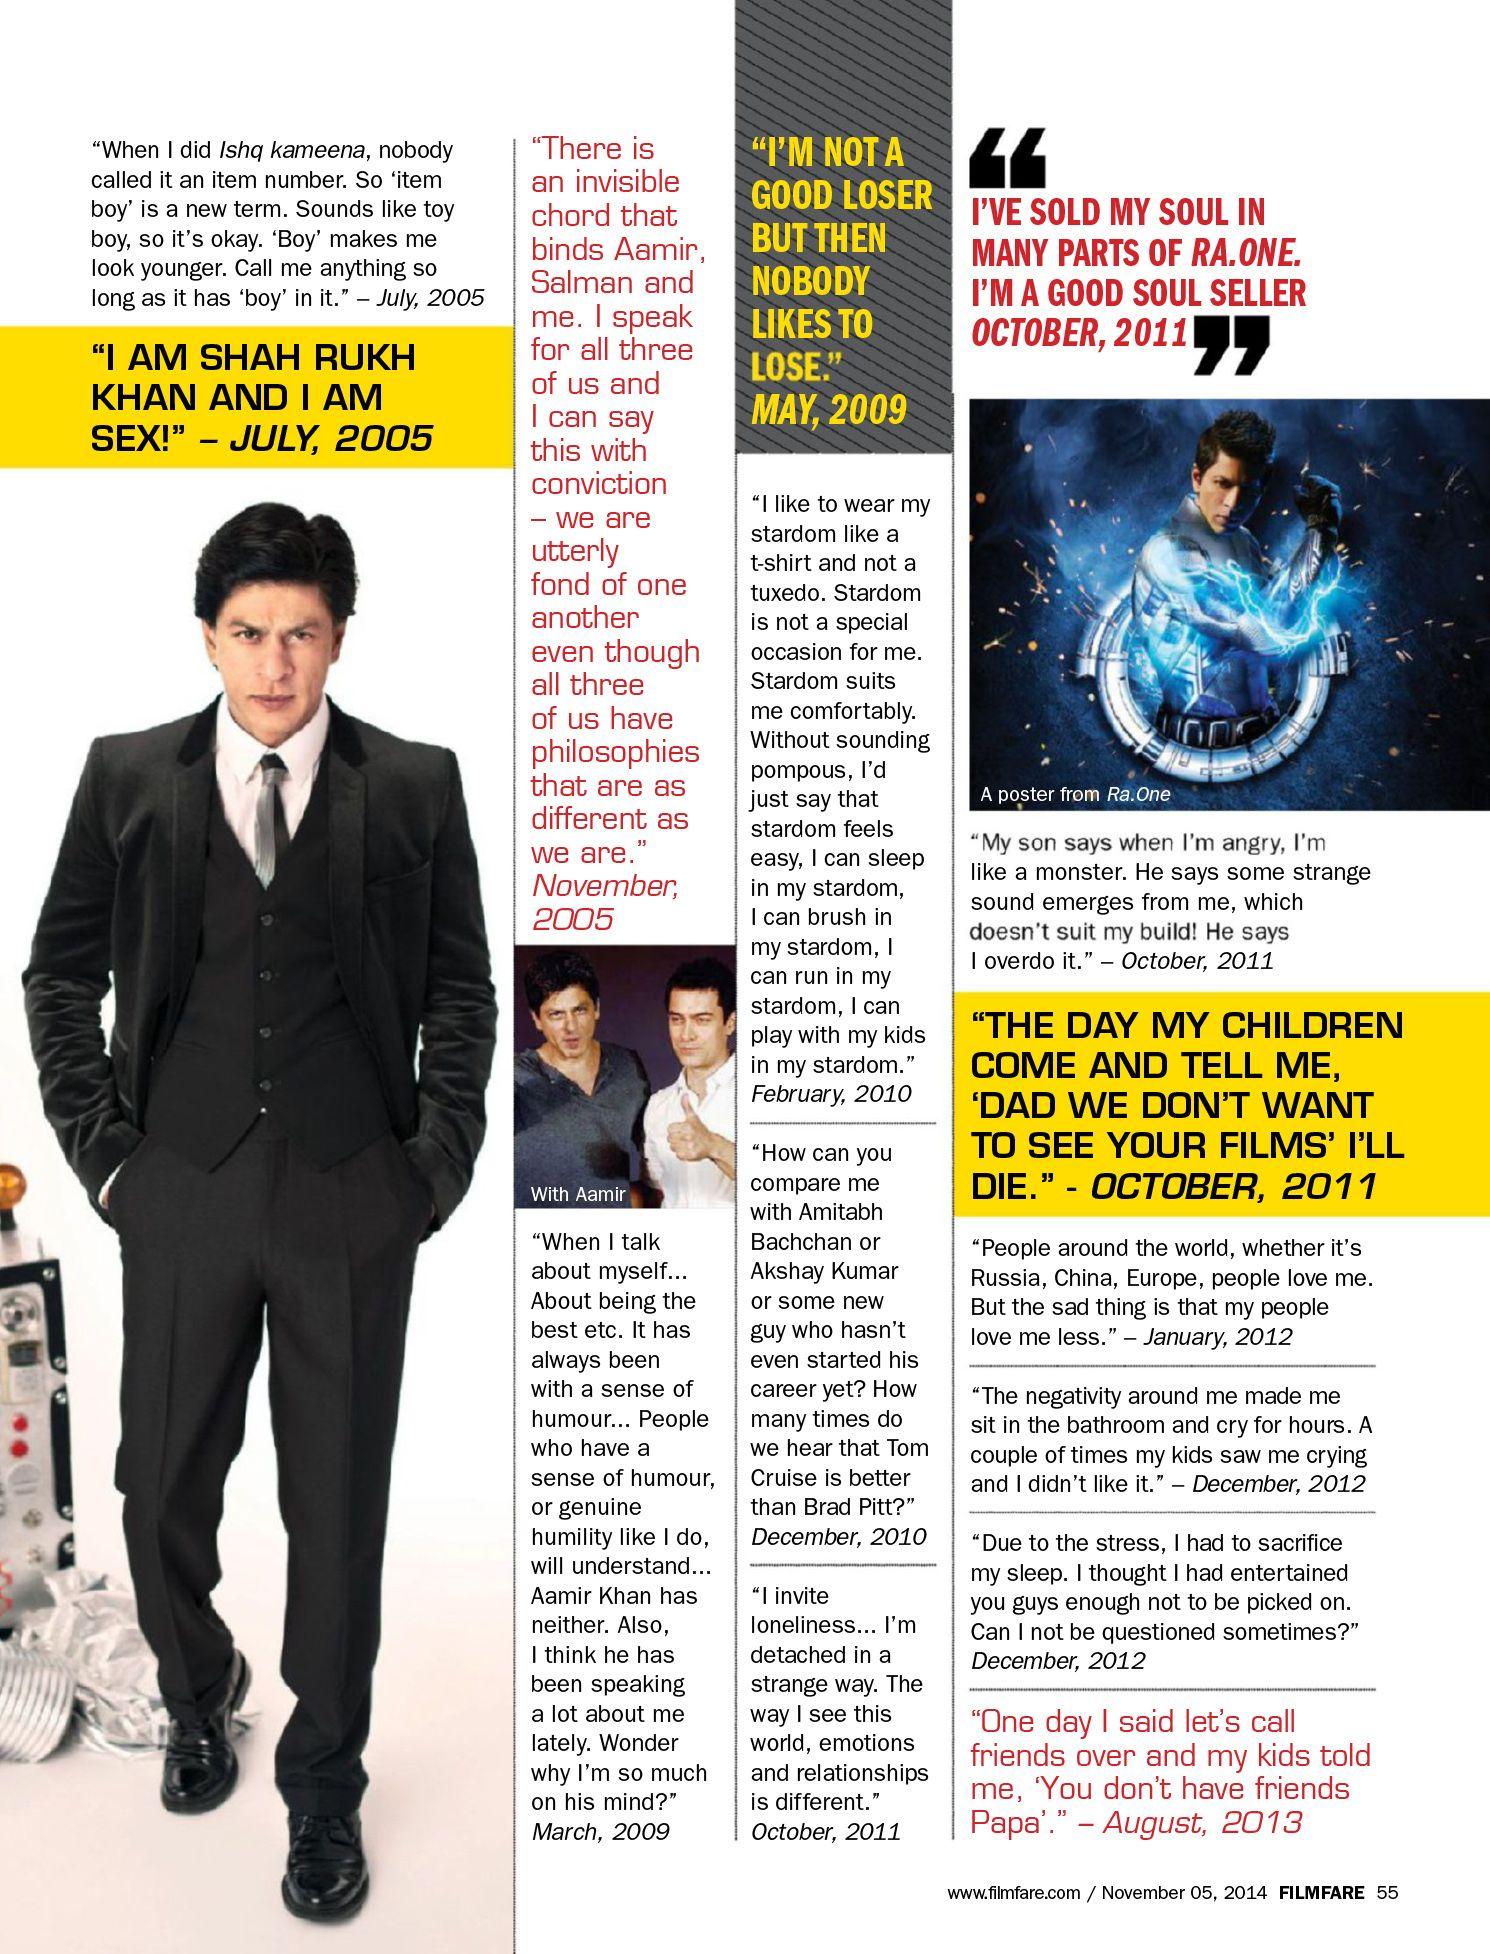 20 Shah Rukh Khan in Magazines ideas   khan, shahrukh khan, movie ...